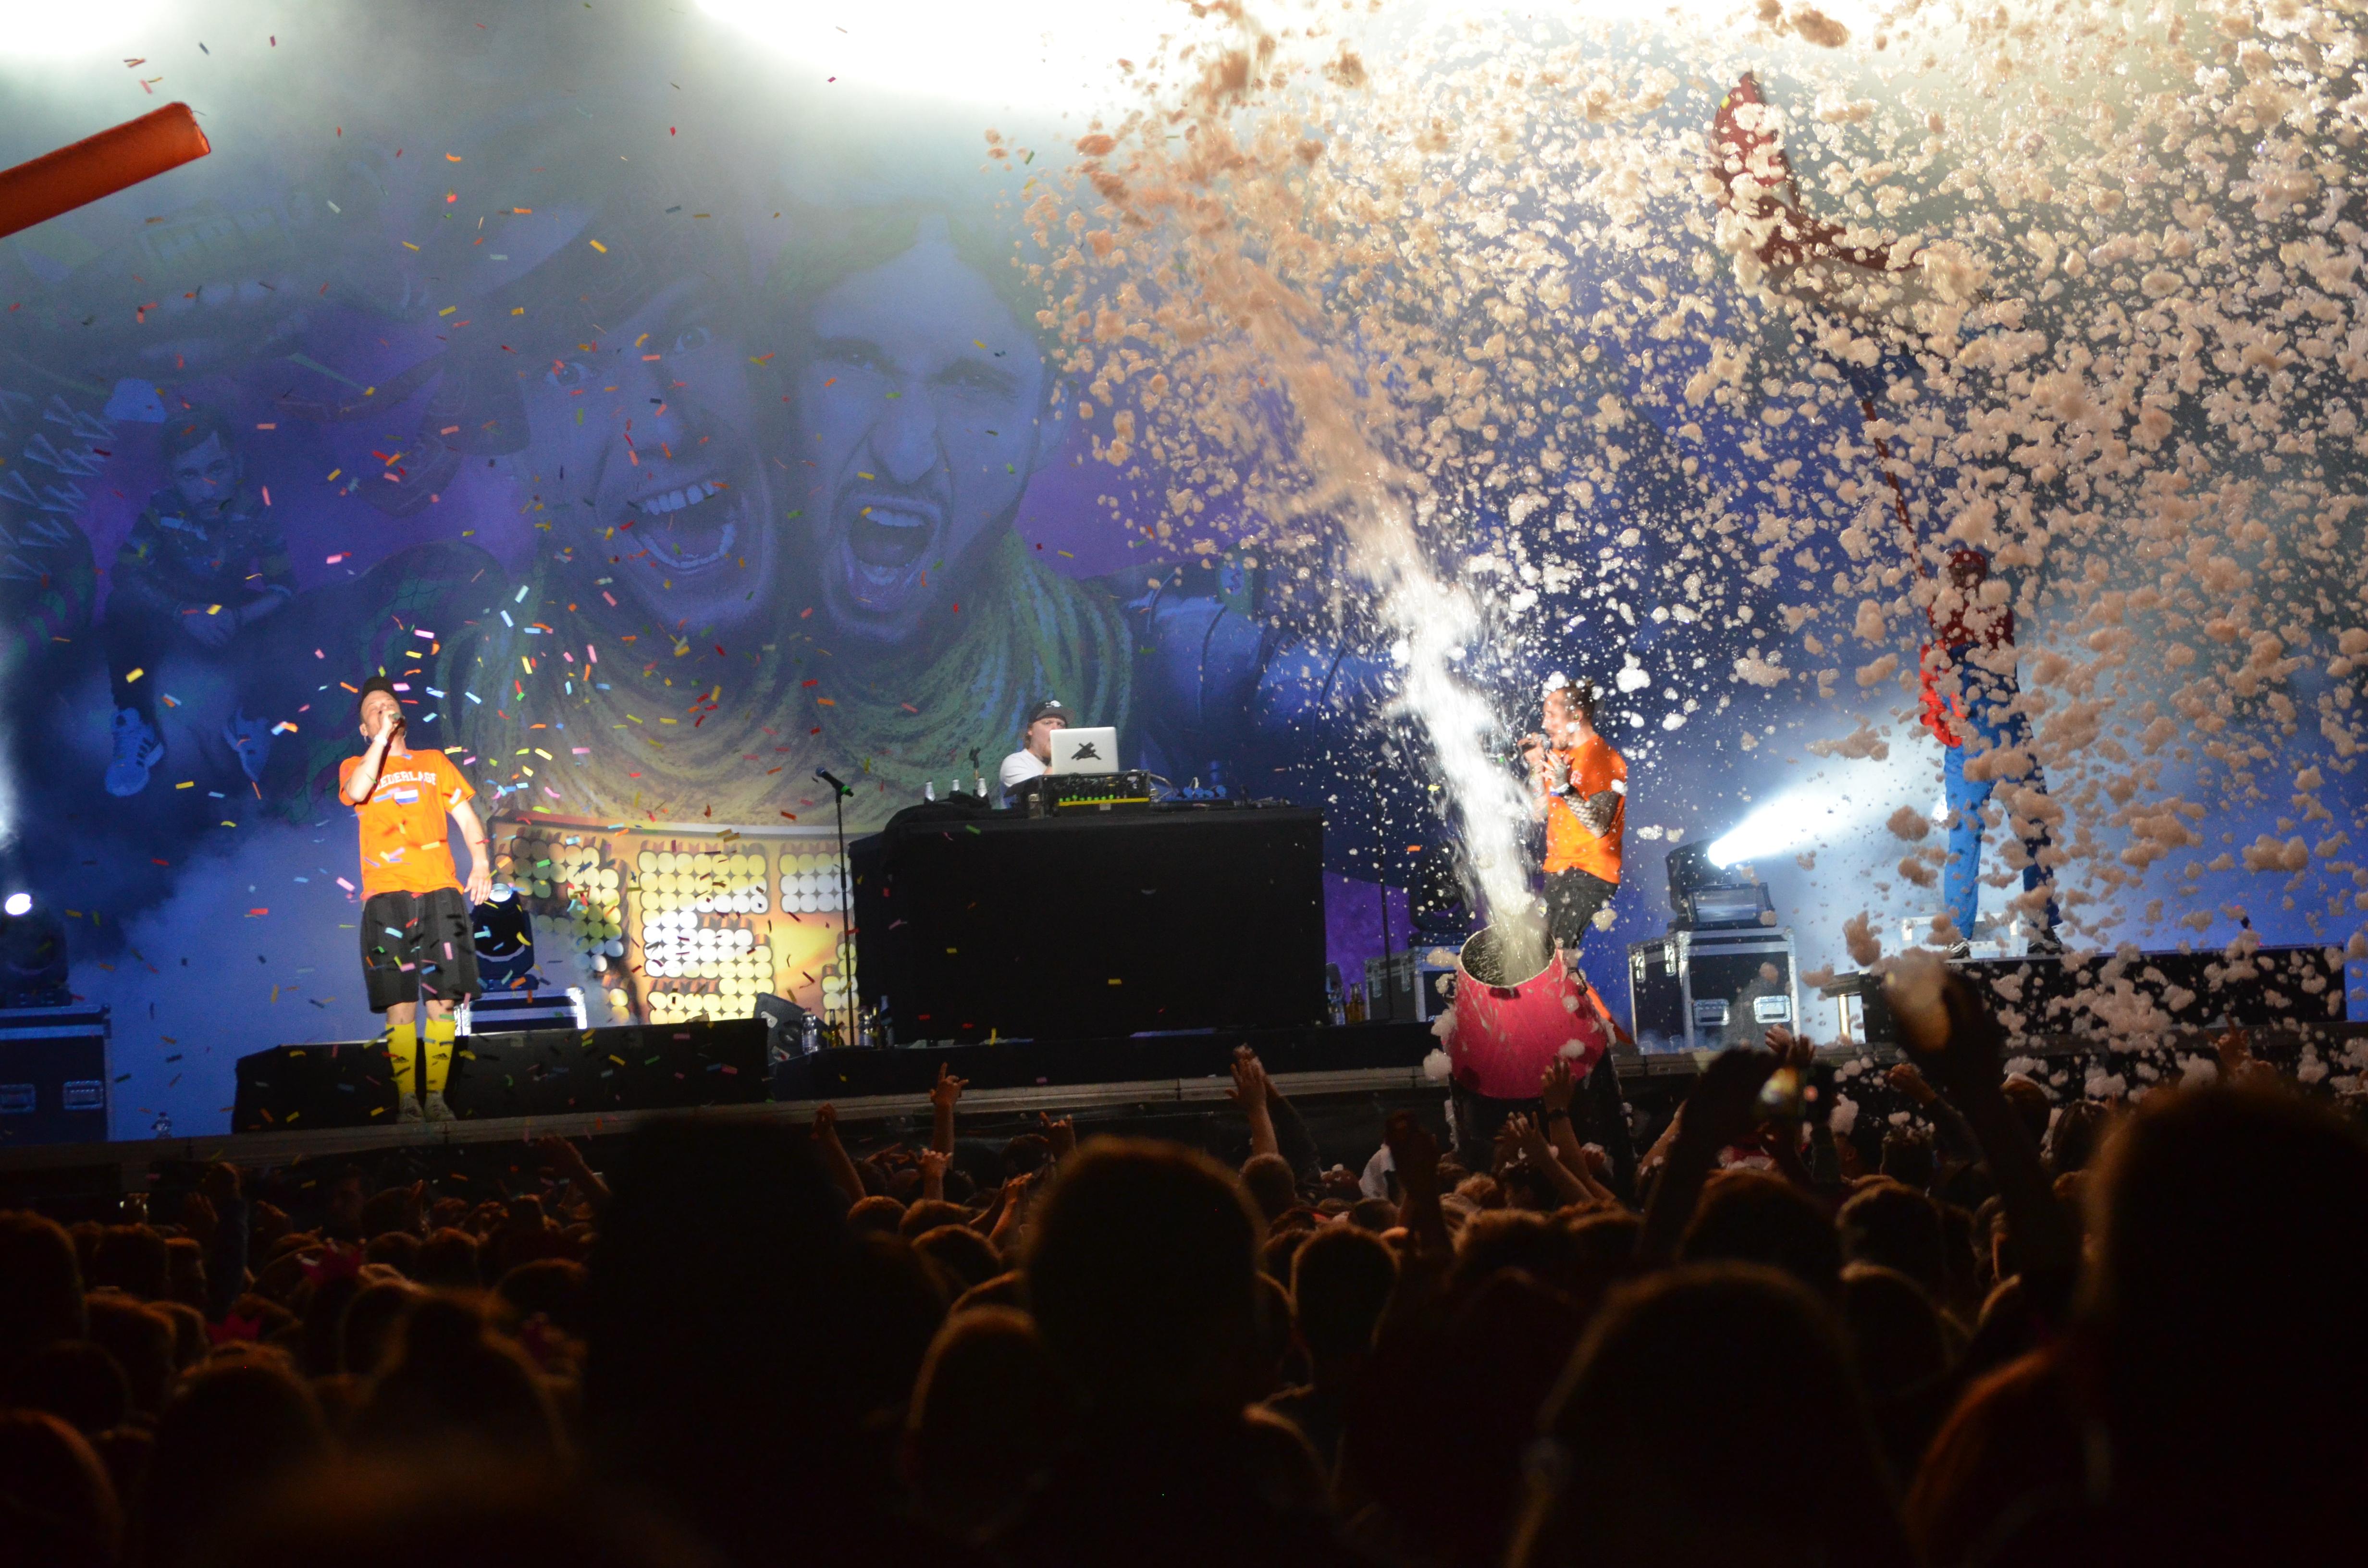 Die 257ers überzeugten bei ihrer Bühnenshow unter anderem mit Seifen- und Konfettikanone, Foto: msc